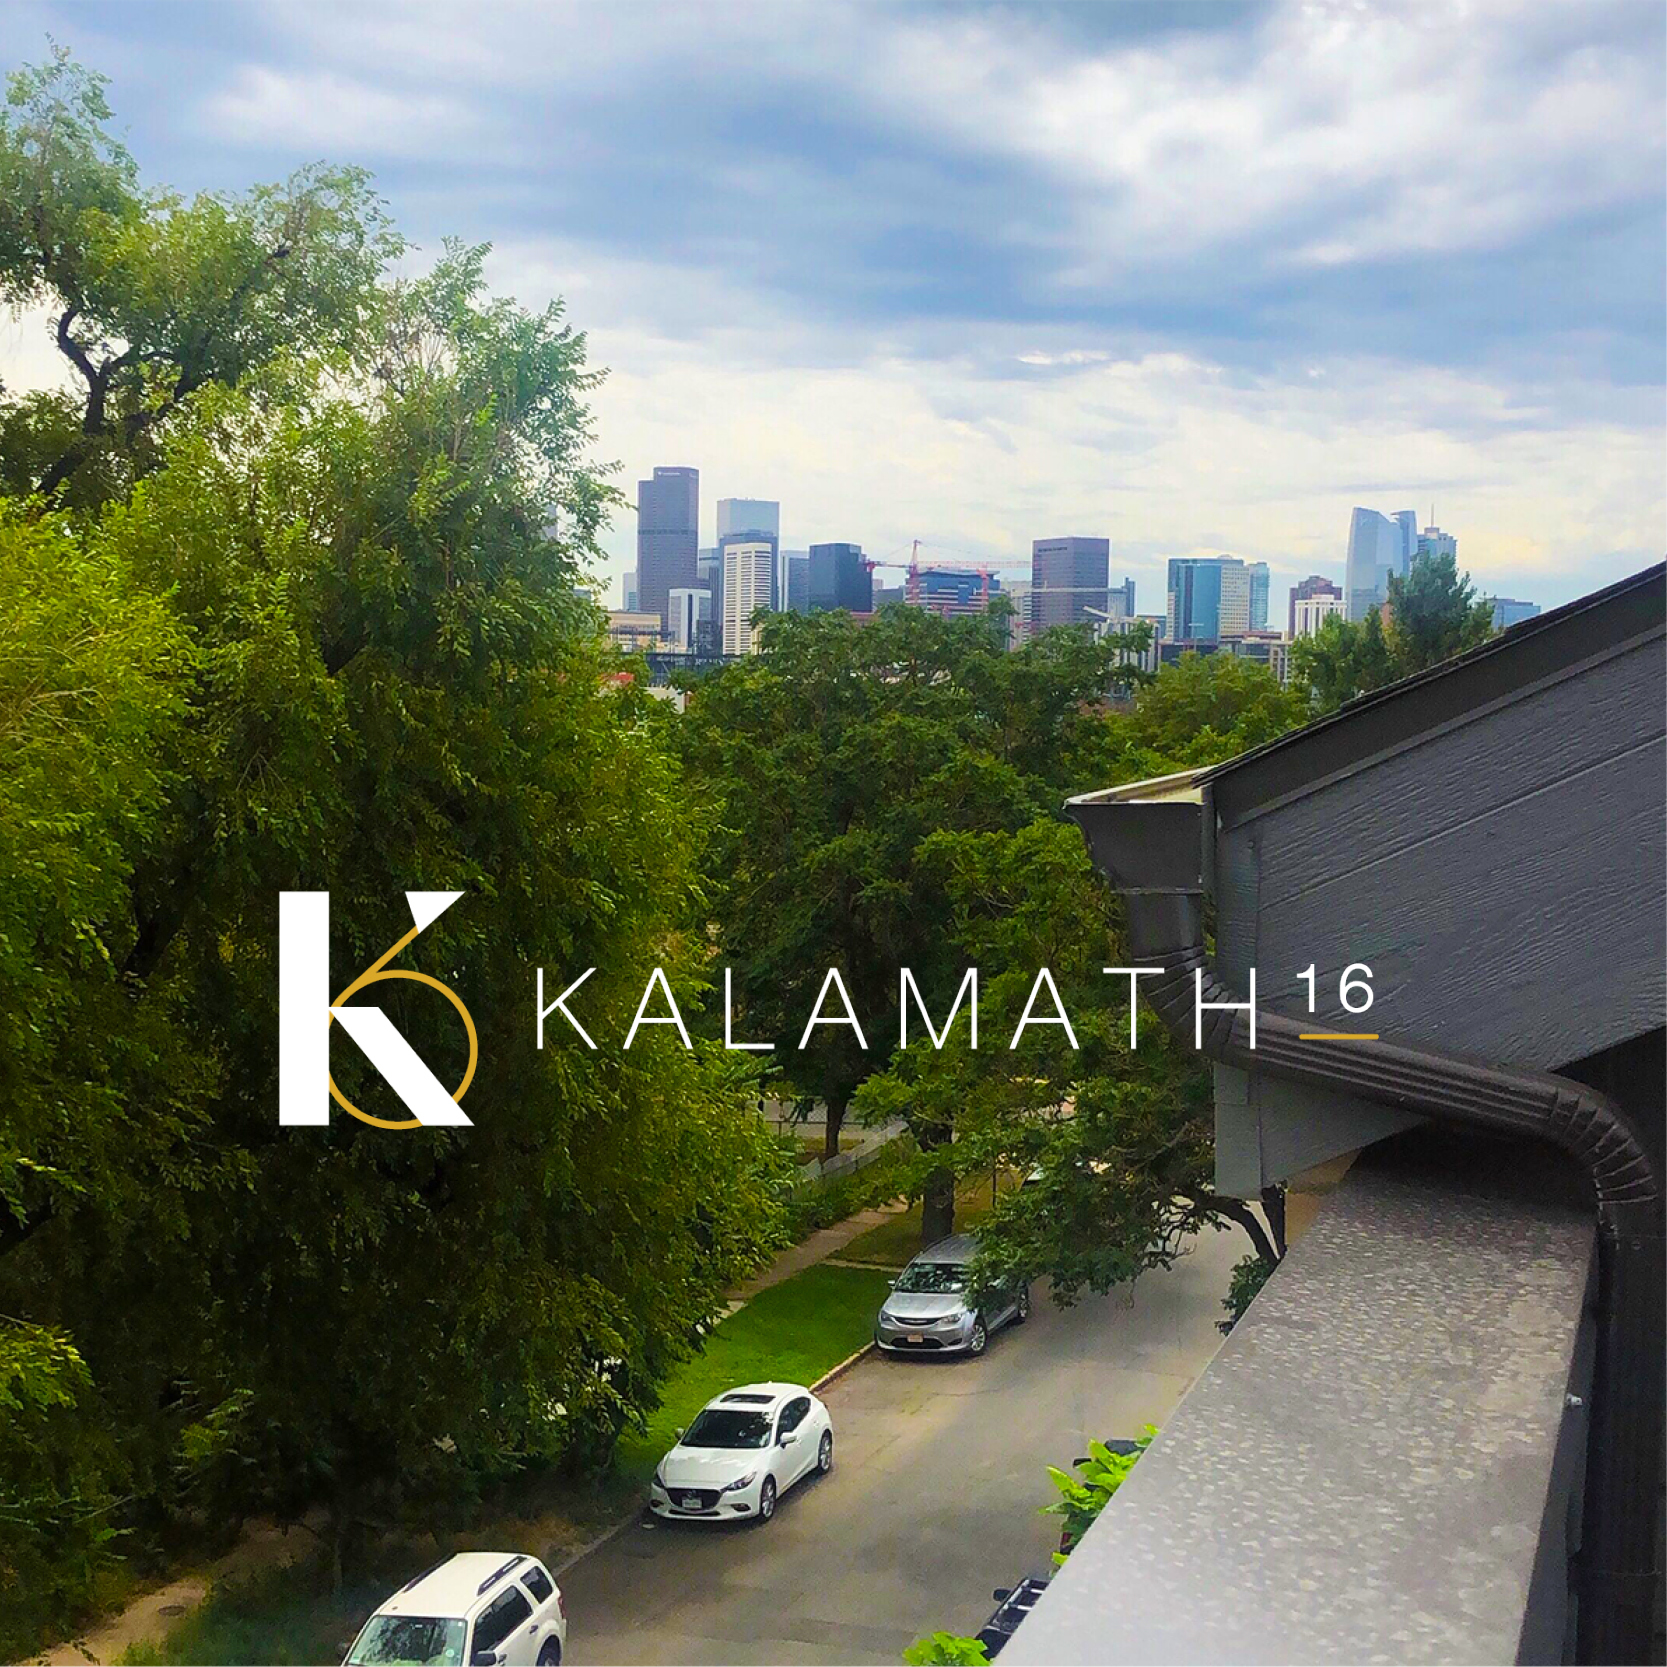 Kalamath 16